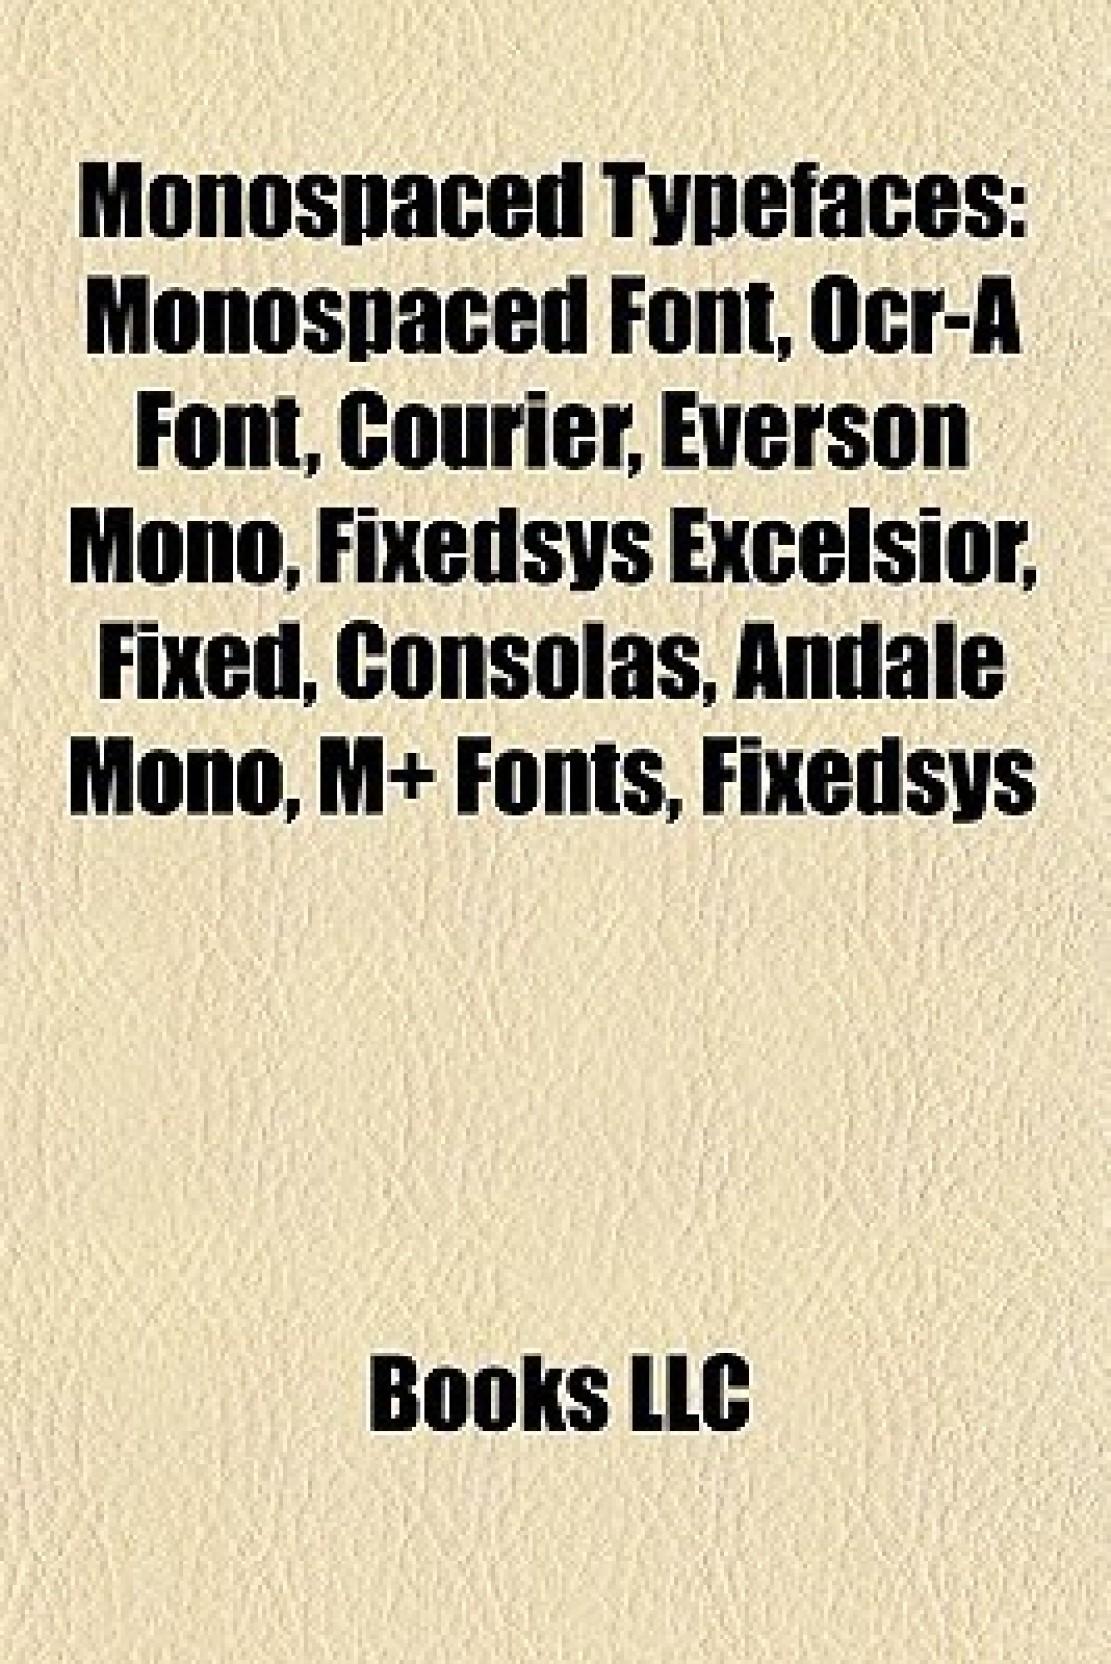 Monospaced Typefaces: Monospaced Font, OCR-A Font, Courier